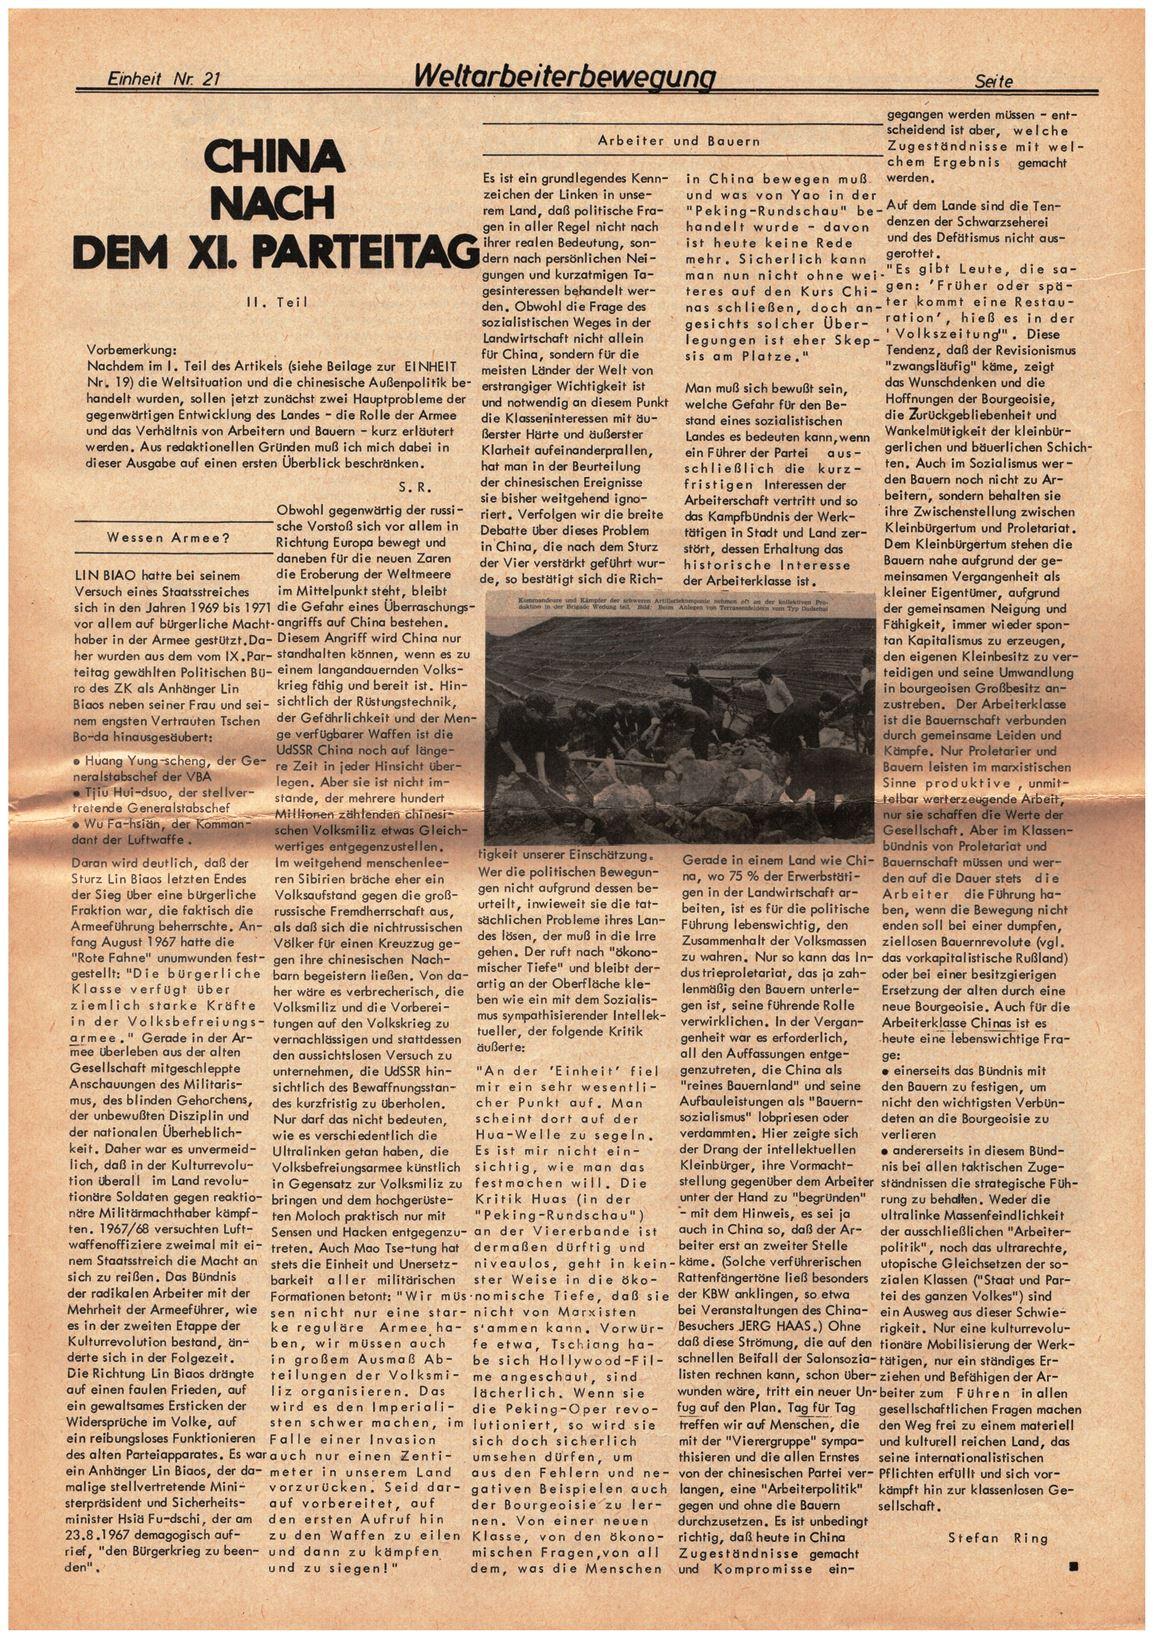 Koeln_IPdA_Einheit_1977_021_015